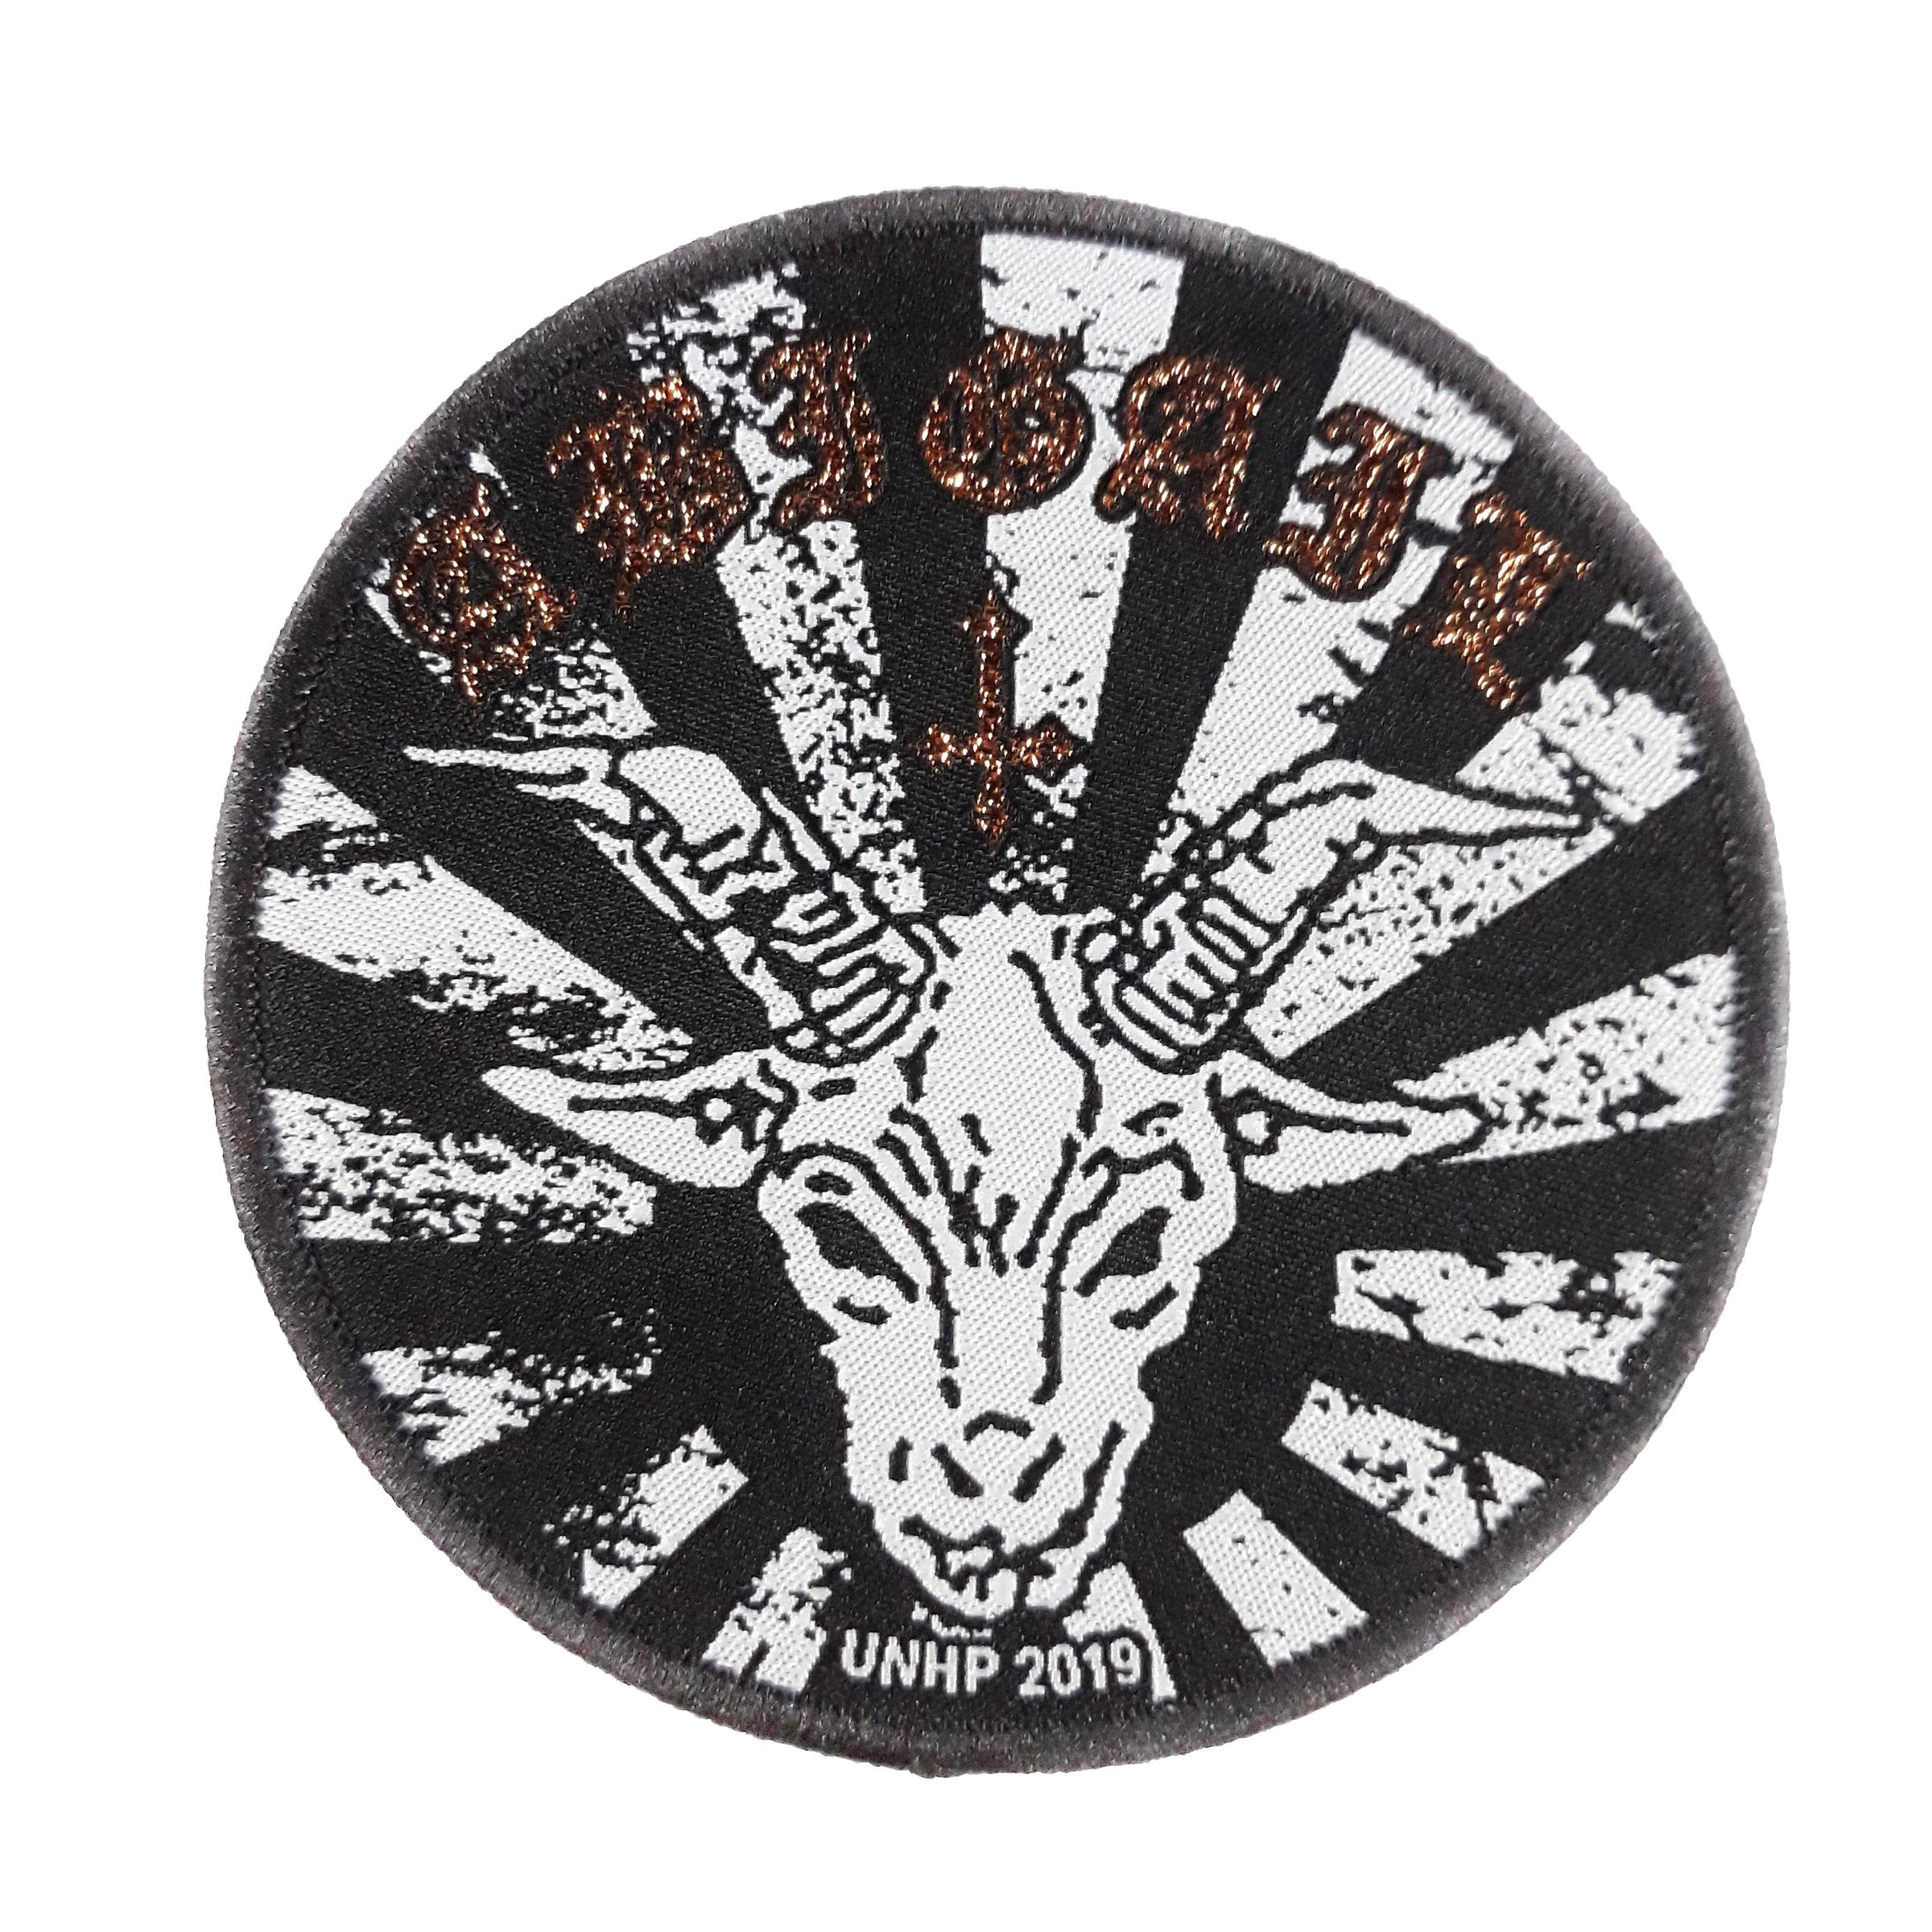 Abigail-Goat Black Woven Patch